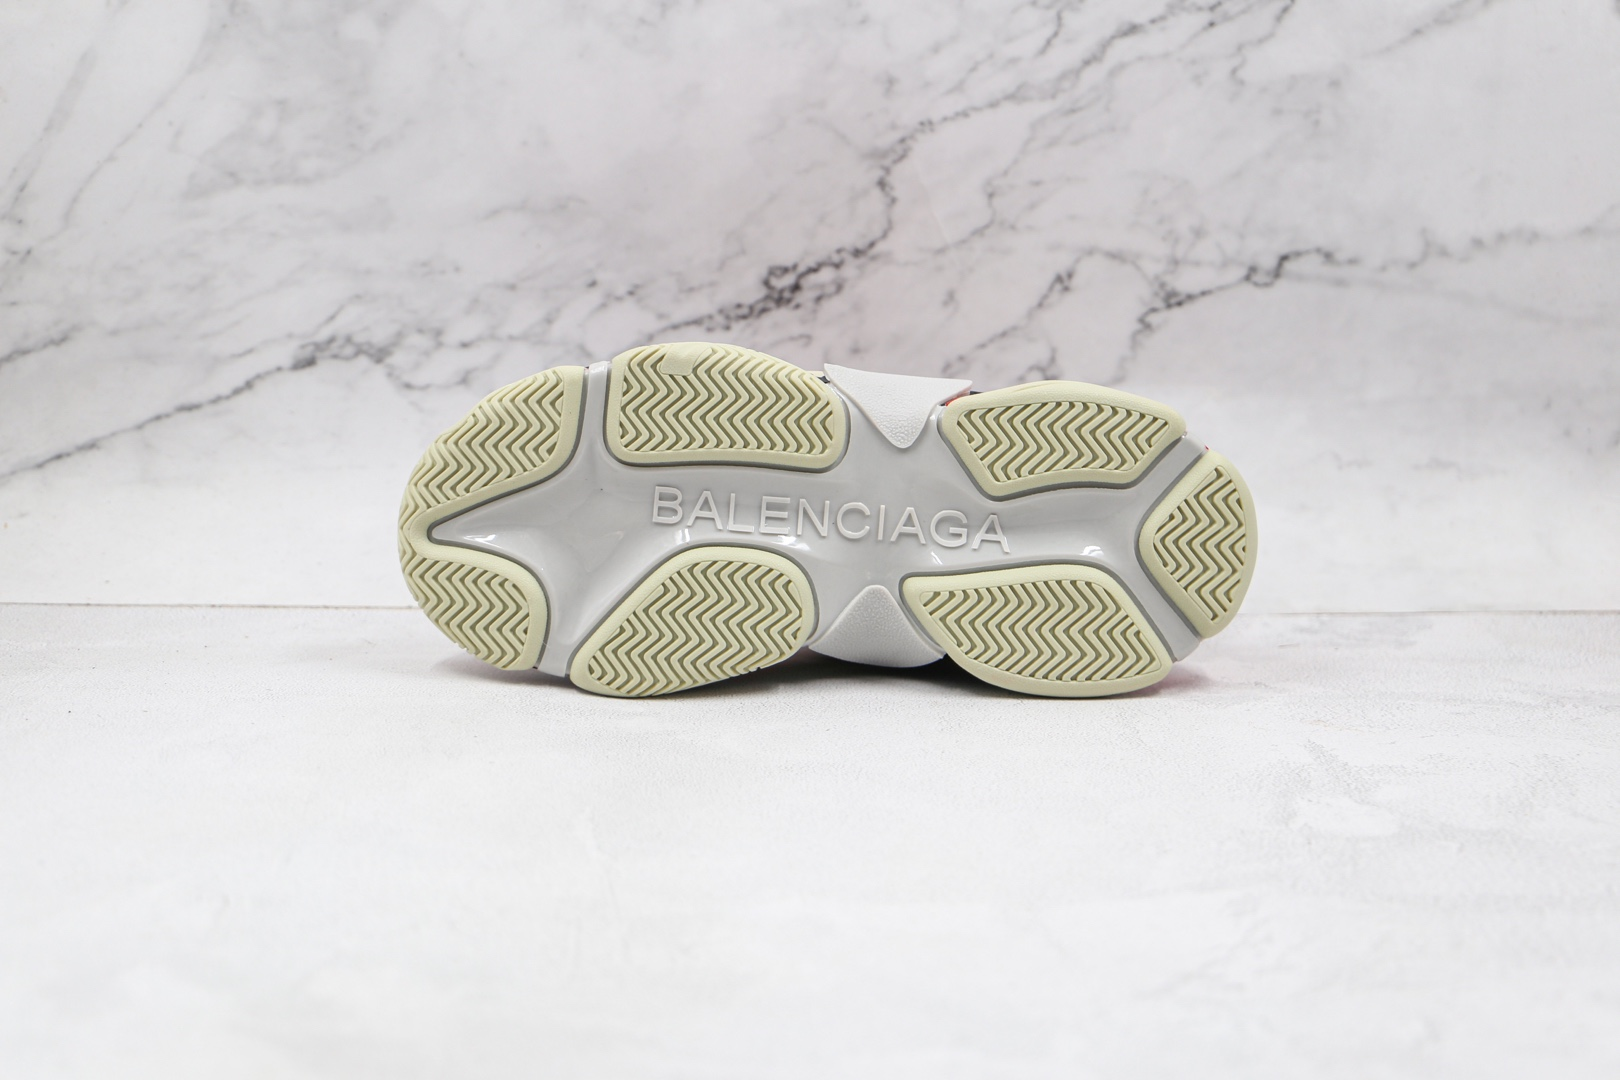 巴黎世家Balenciaga Triple S纯原版本初代灰红色老爹鞋原档案数据开发